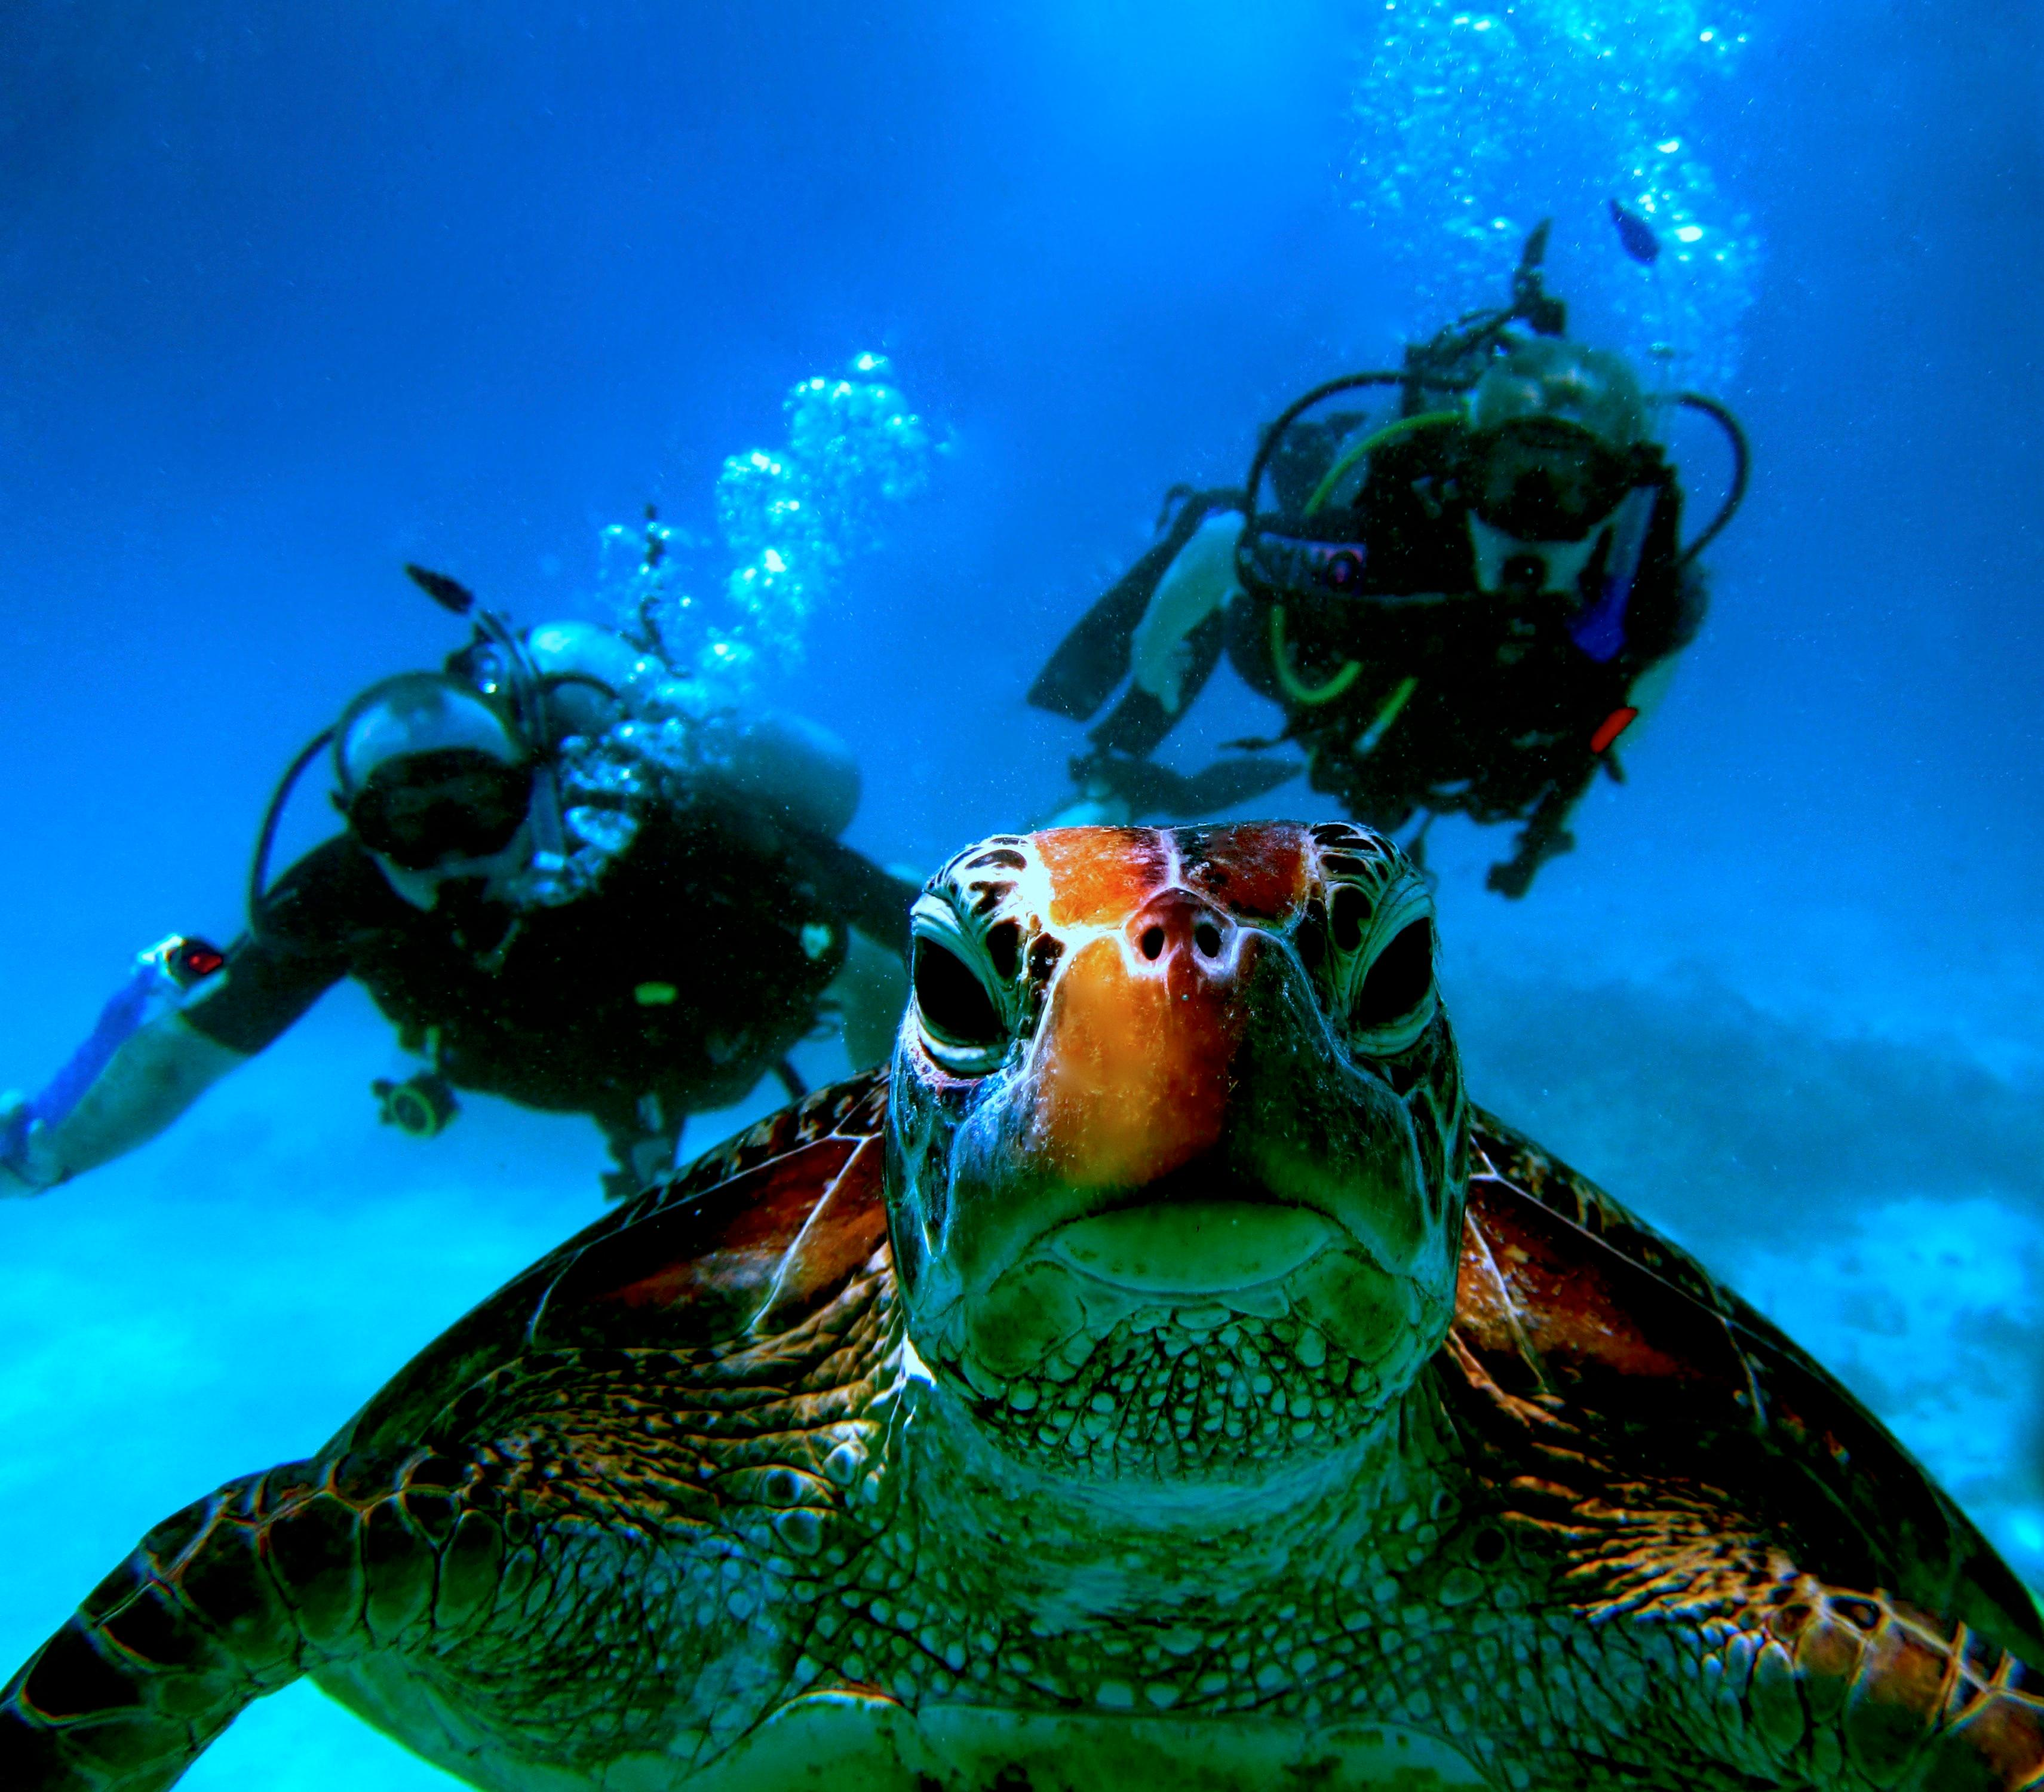 3a. Agincourt Ribbon Reef Dive, Port Douglas